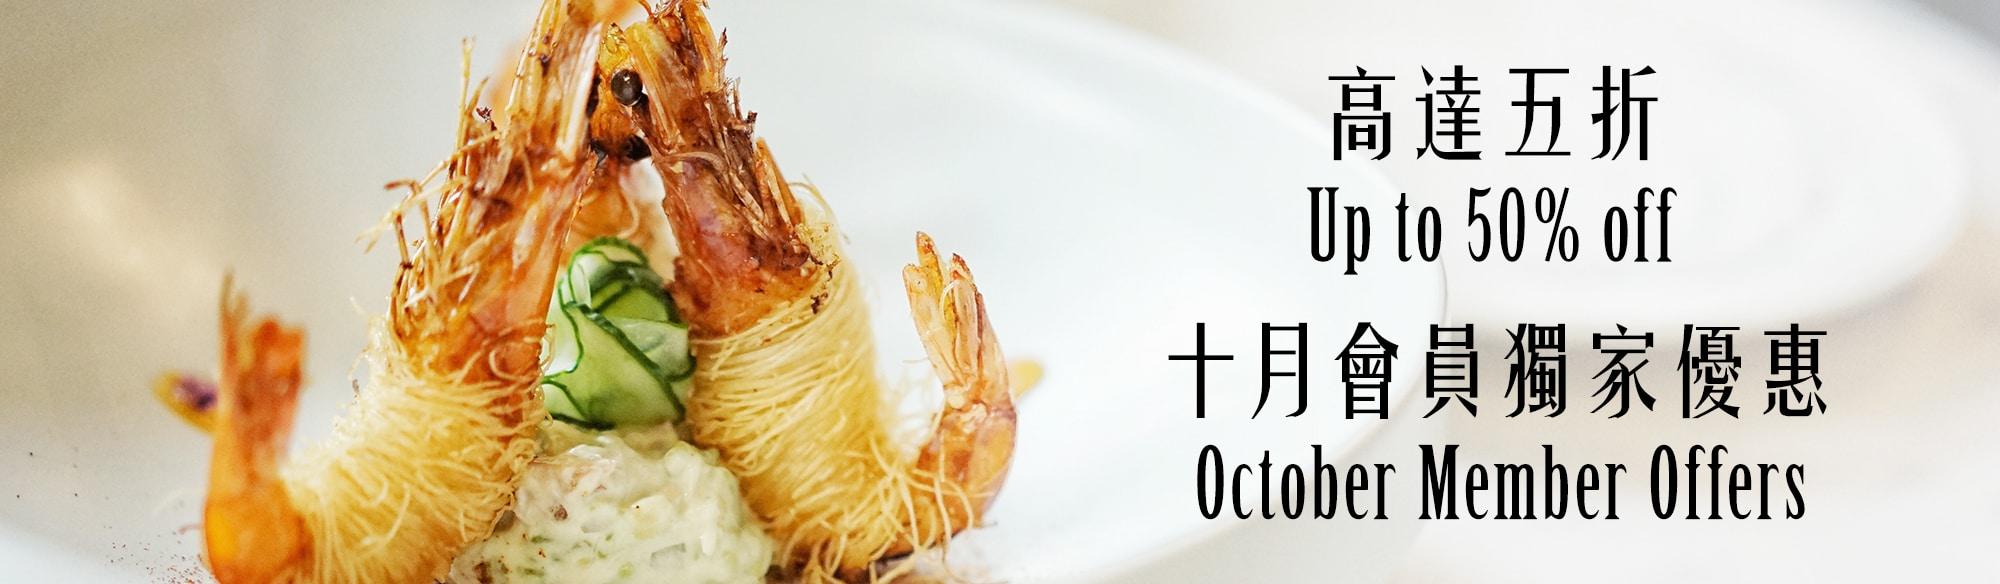 October Member offers - OKiBook Hong Kong and Macau Restaurant Buffet booking 餐廳和自助餐預訂香港和澳門 BANNER